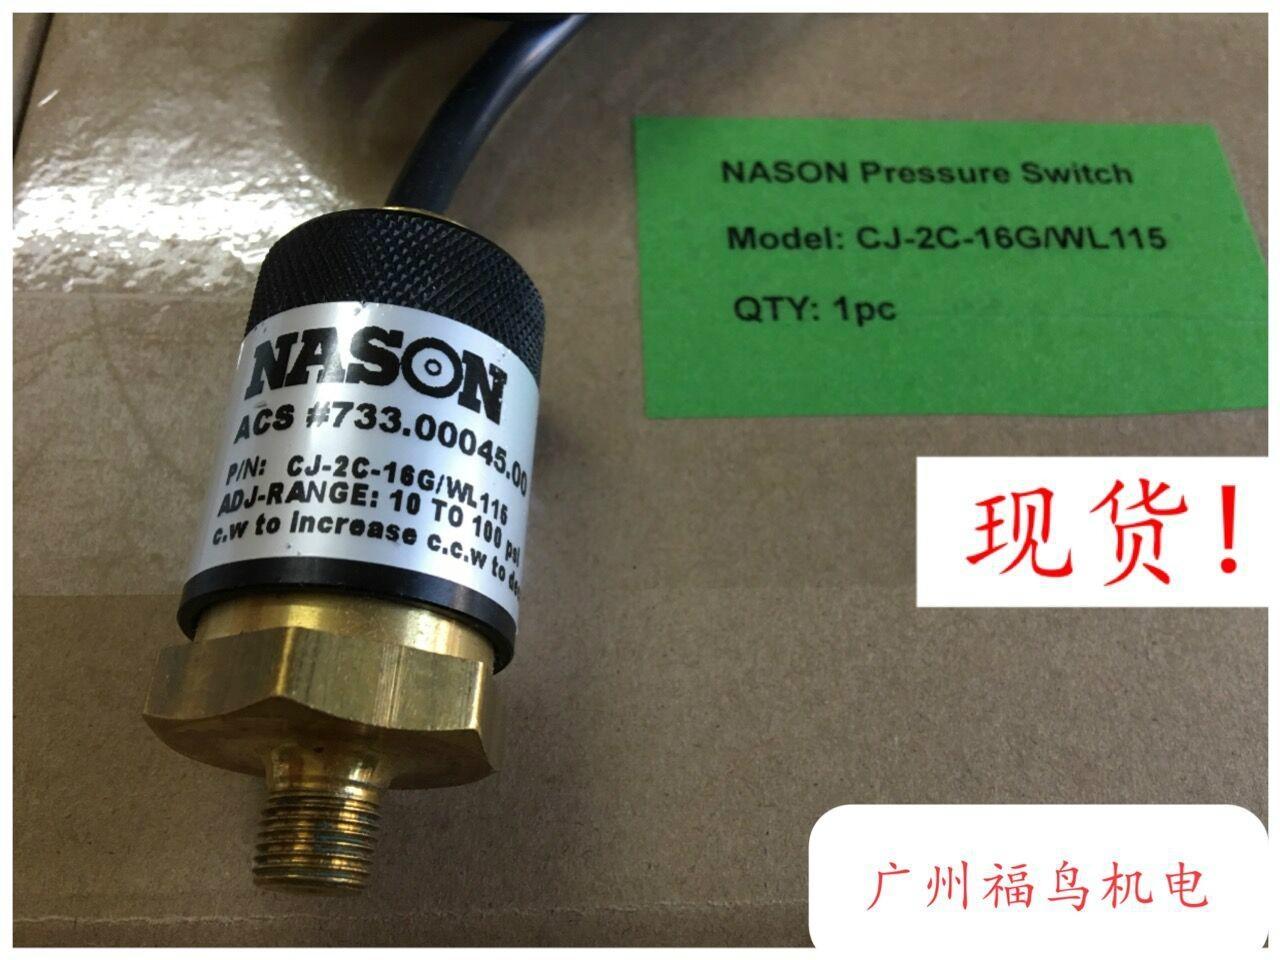 NASON壓力開關, 型號: CJ-2C-16G/WL115